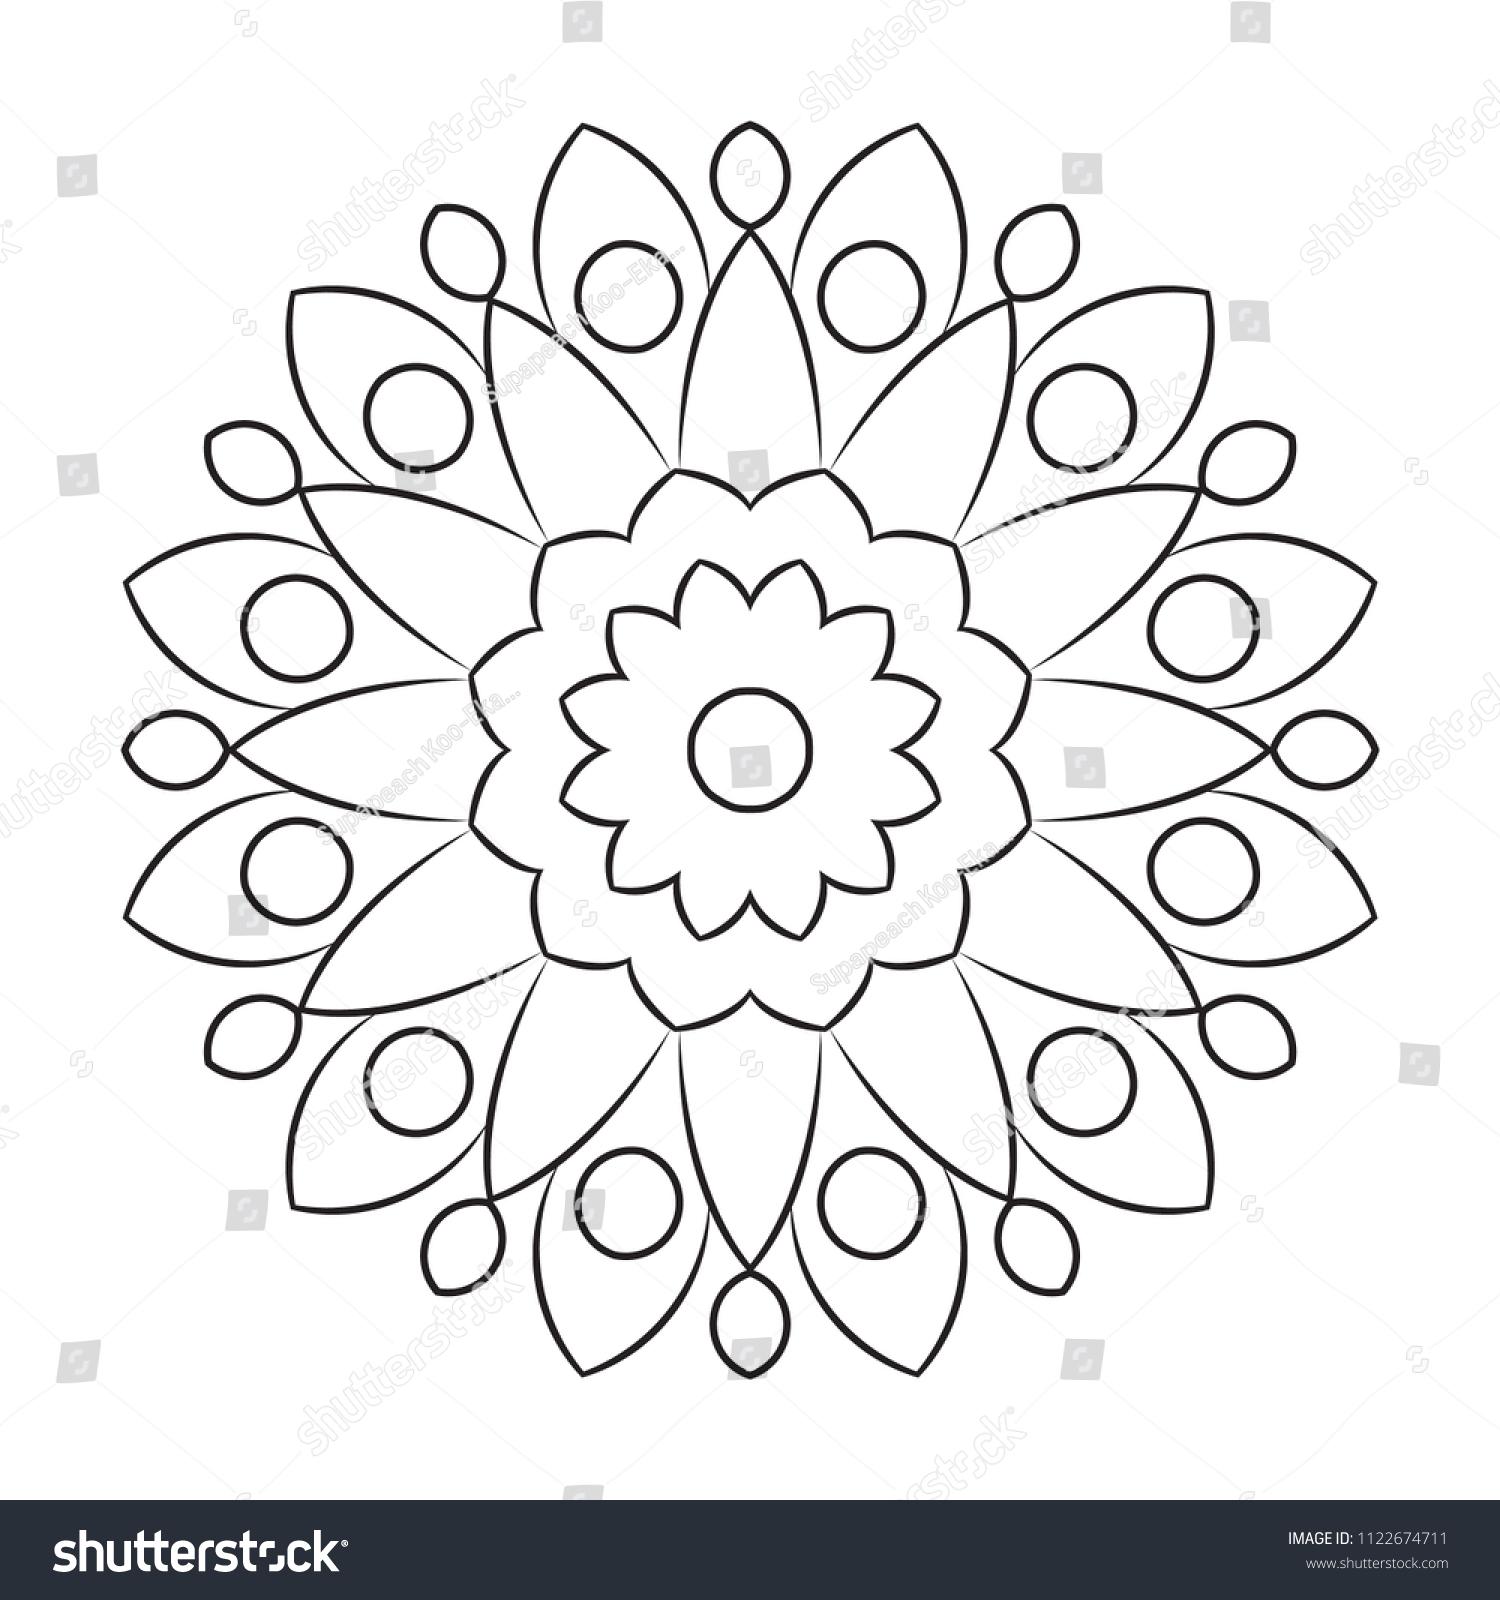 Royalty Free Stock Illustration Of Basic Mandala Easy Mandalas